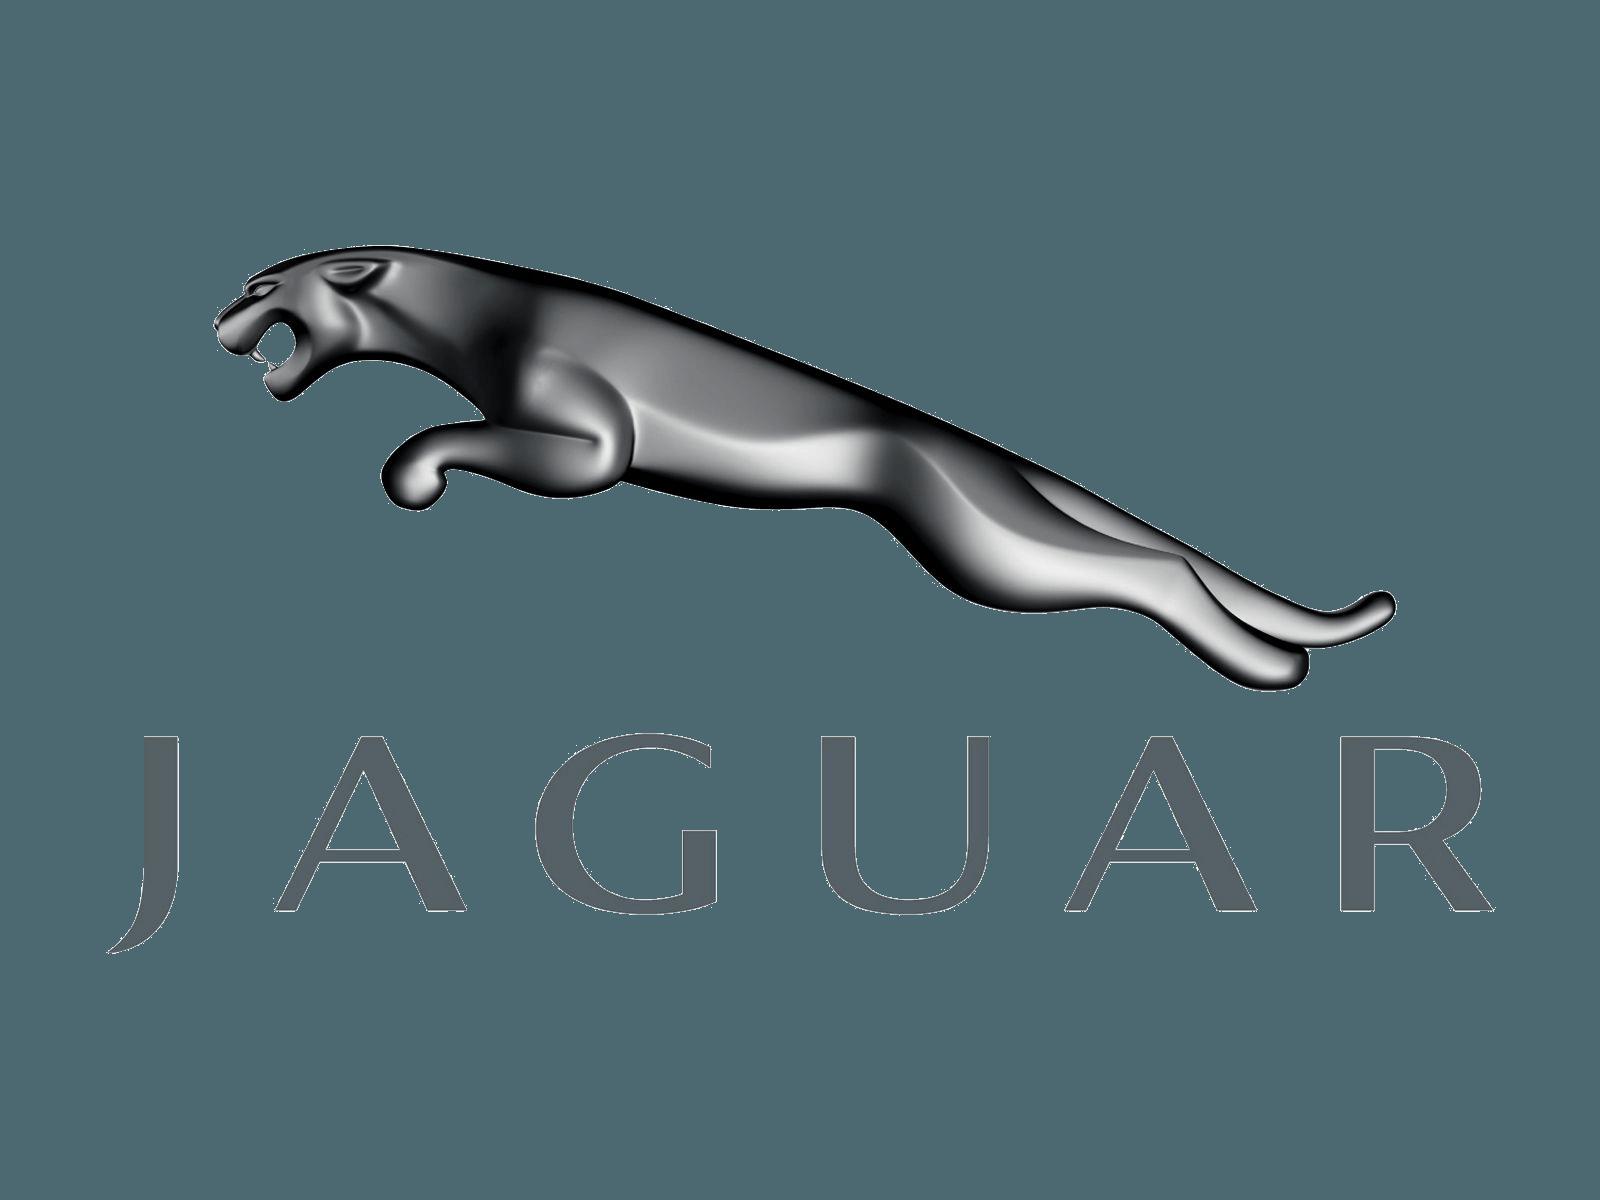 parts.jaguarenglewood.com